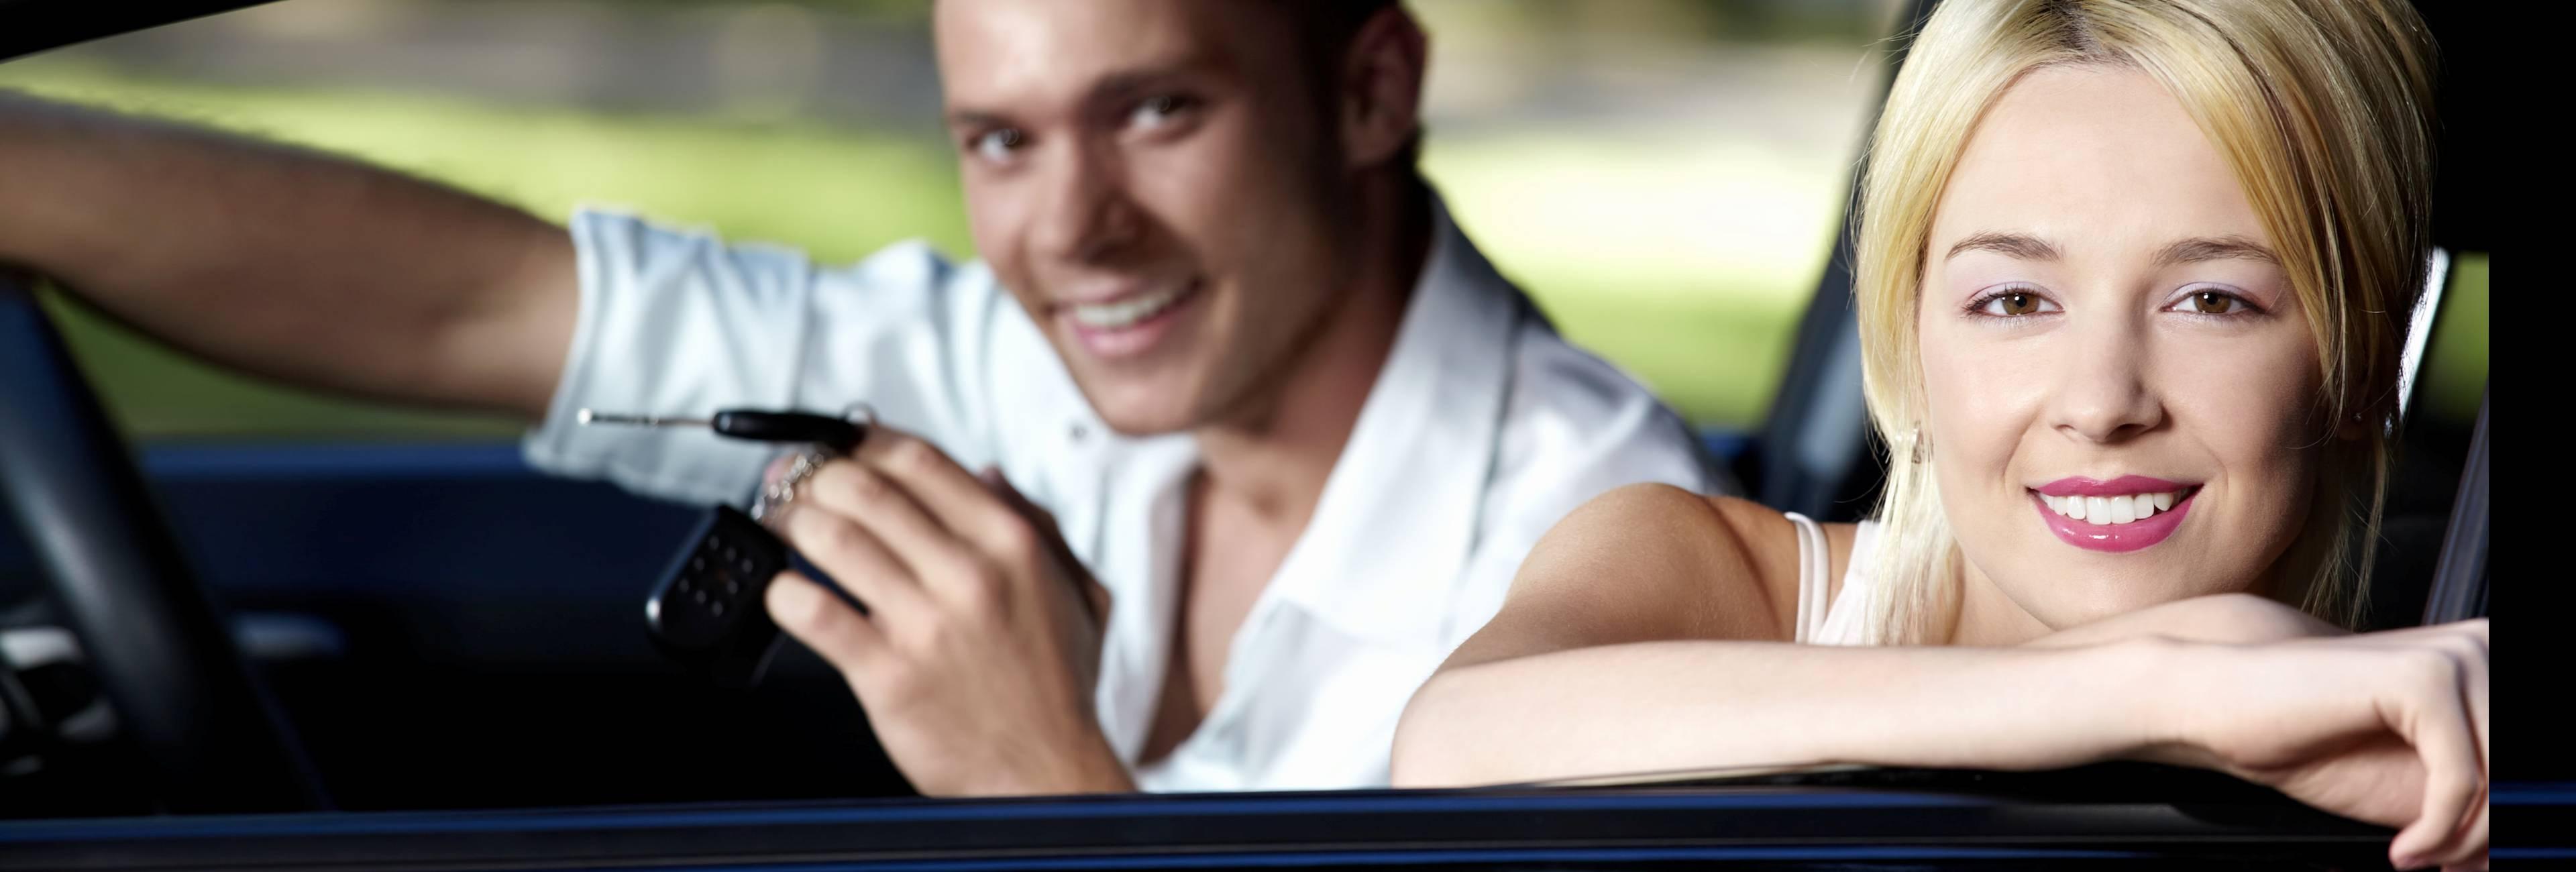 Mest populära online dating webbplatser 2012